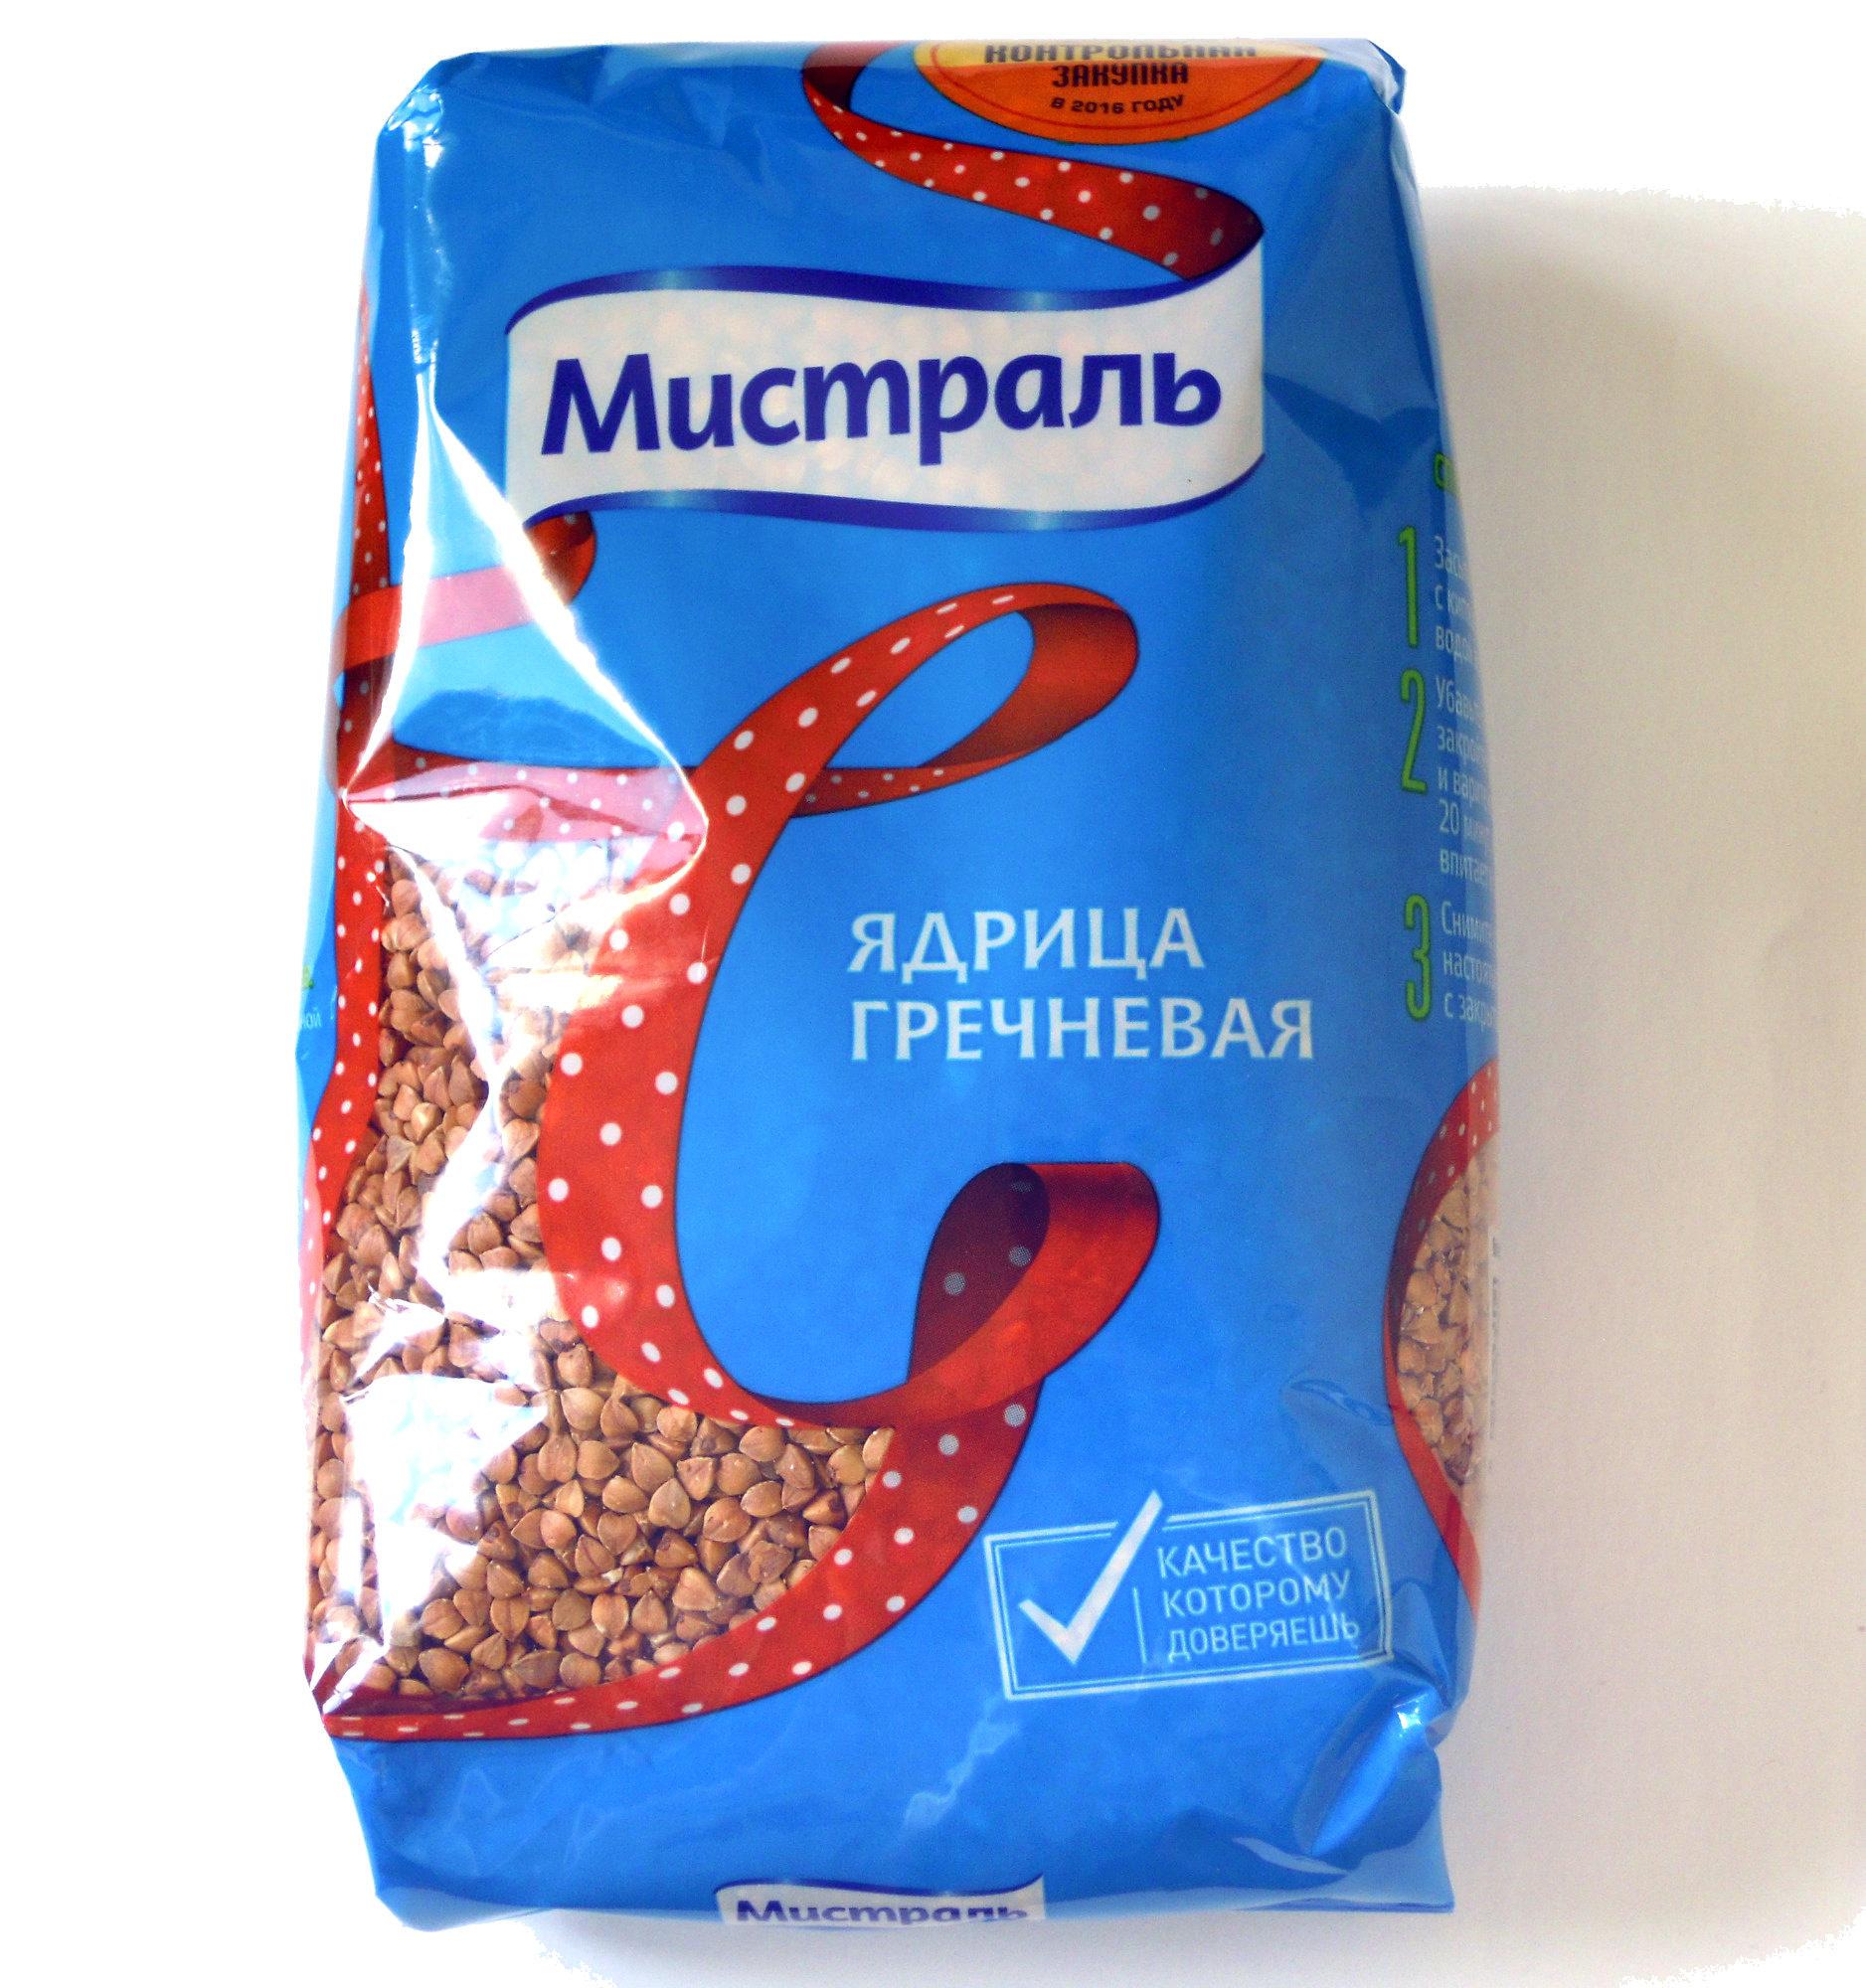 Ядрица гречневая - Produit - ru